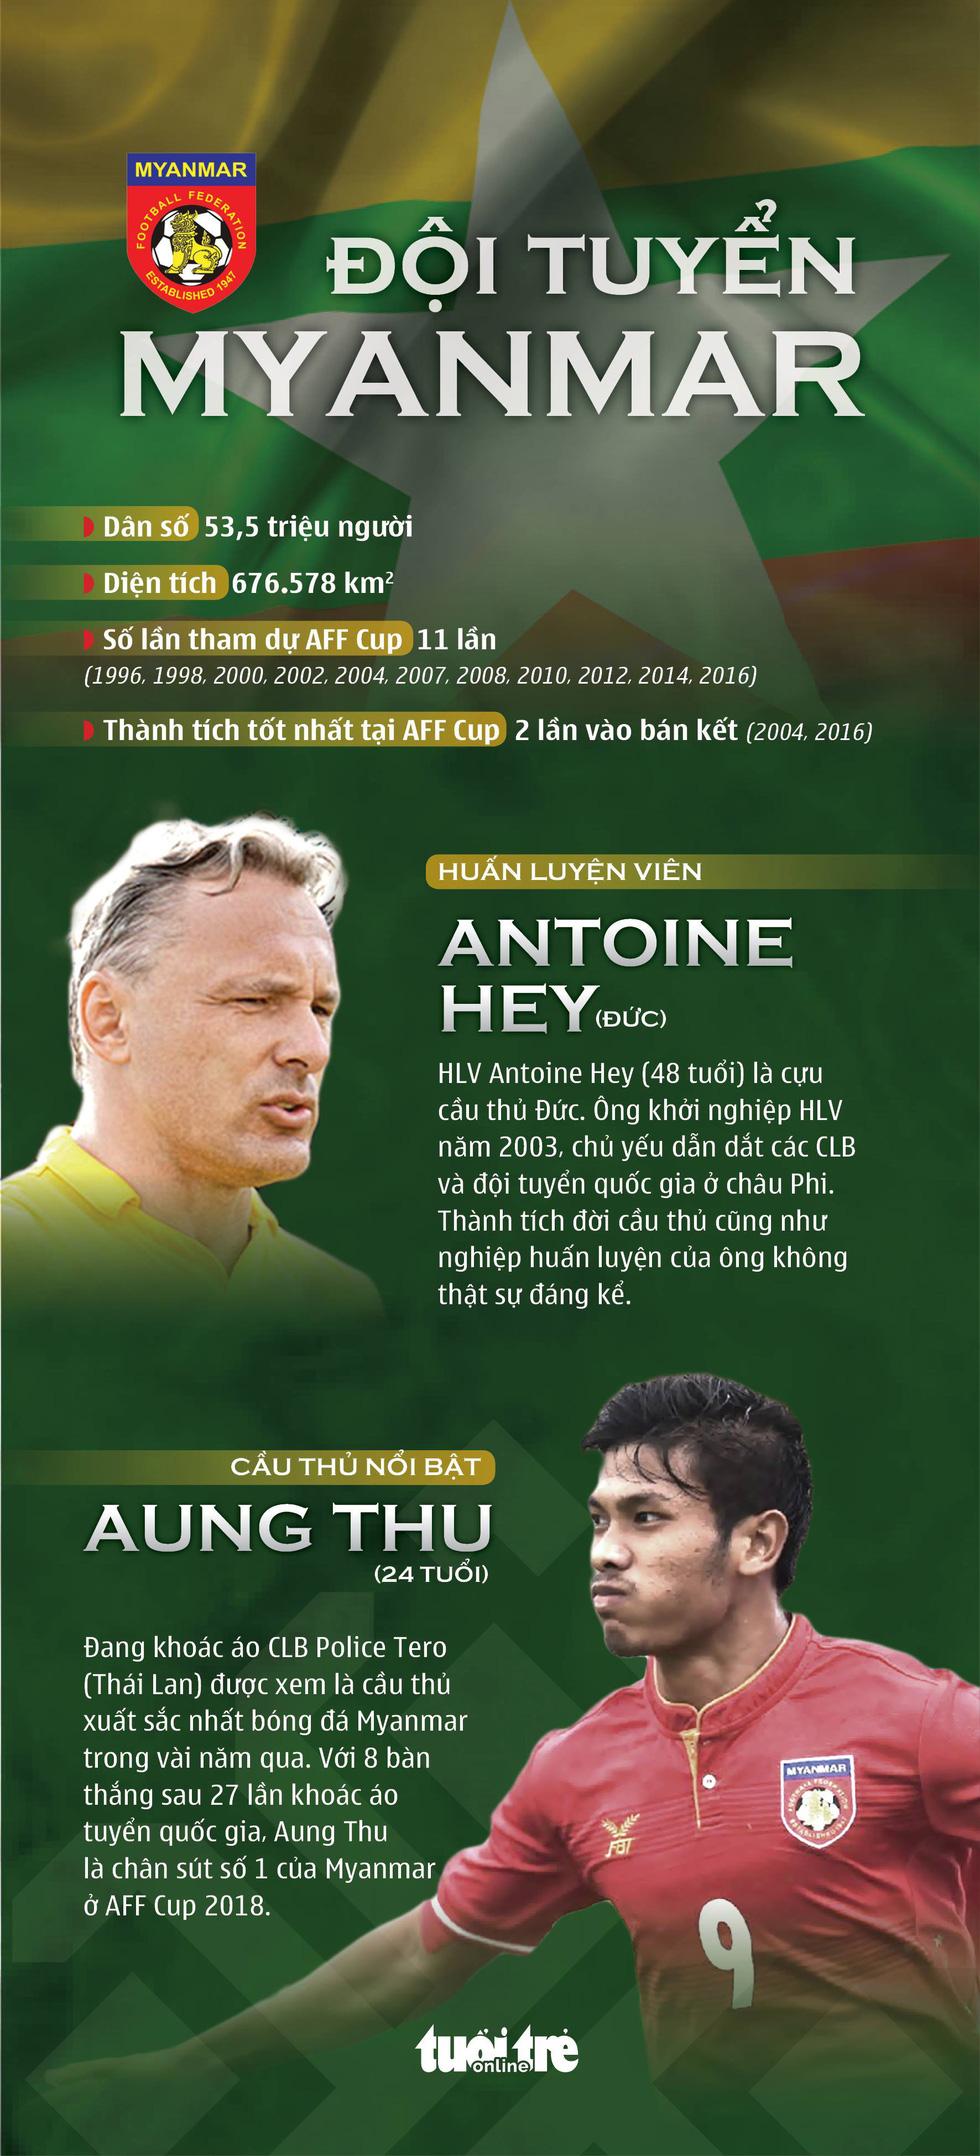 AFF Cup 2018: Tuyển Việt Nam và các đối thủ ở bảng A - Ảnh 3.